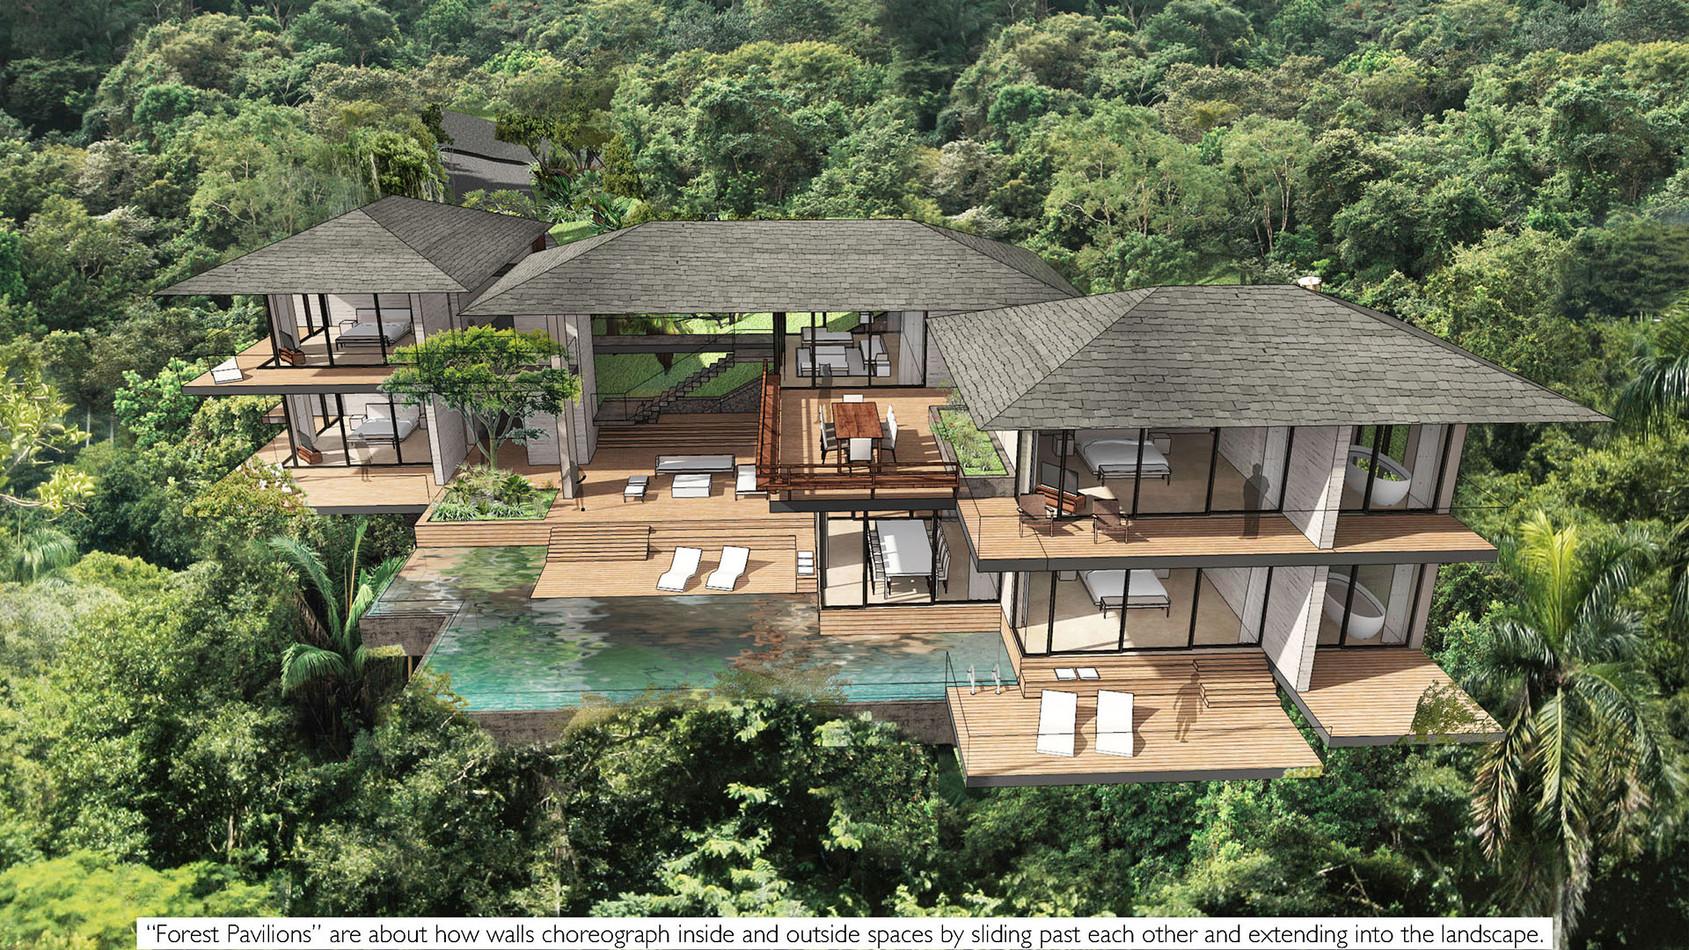 Forest-Pavilions-EN 05.jpg